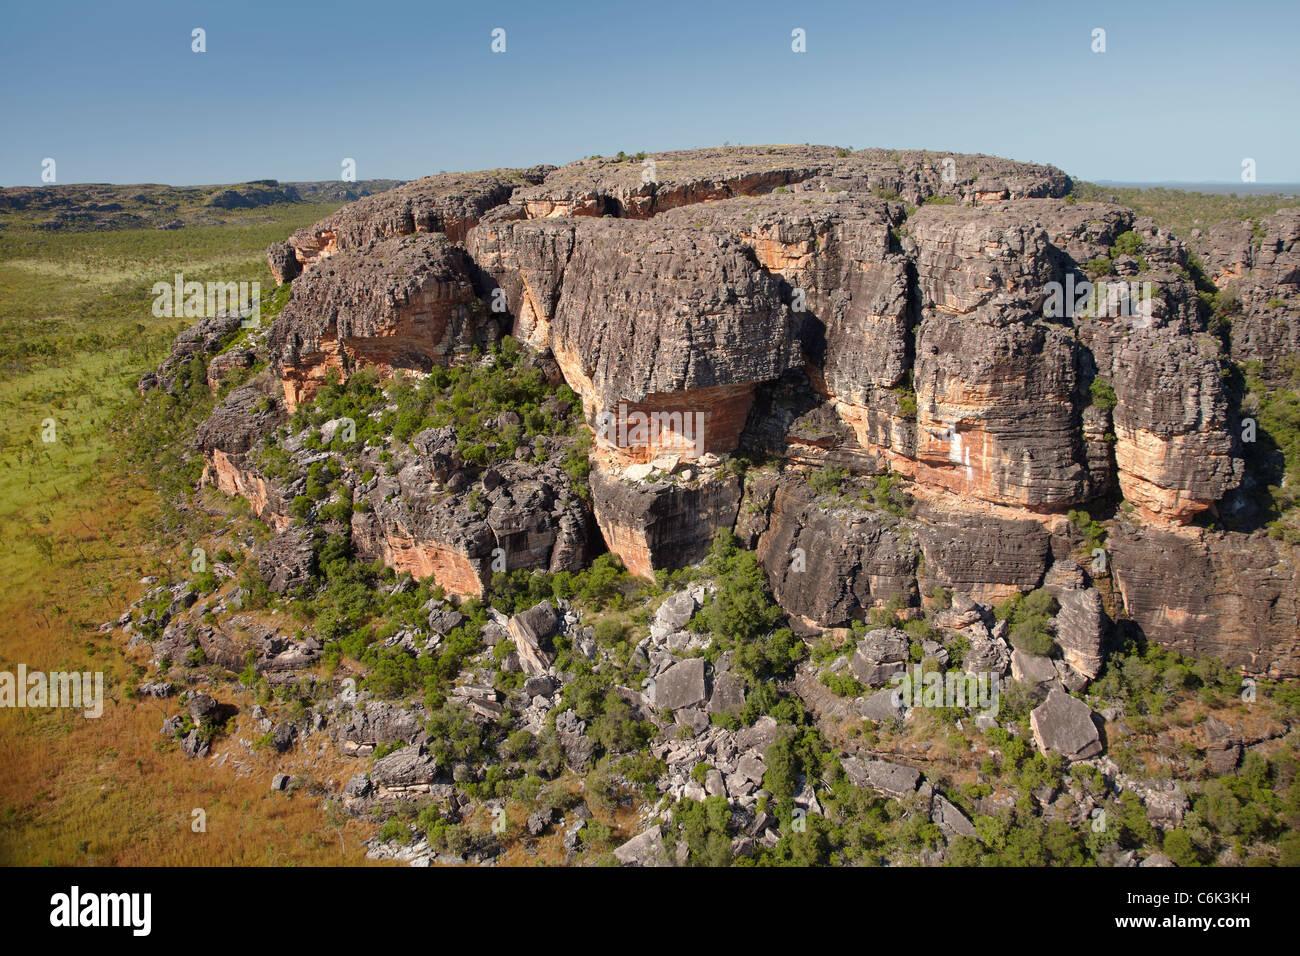 Felsen in der Nähe von Ubirr, Kakadu-Nationalpark, Northern Territory, Australien - Antenne Stockbild